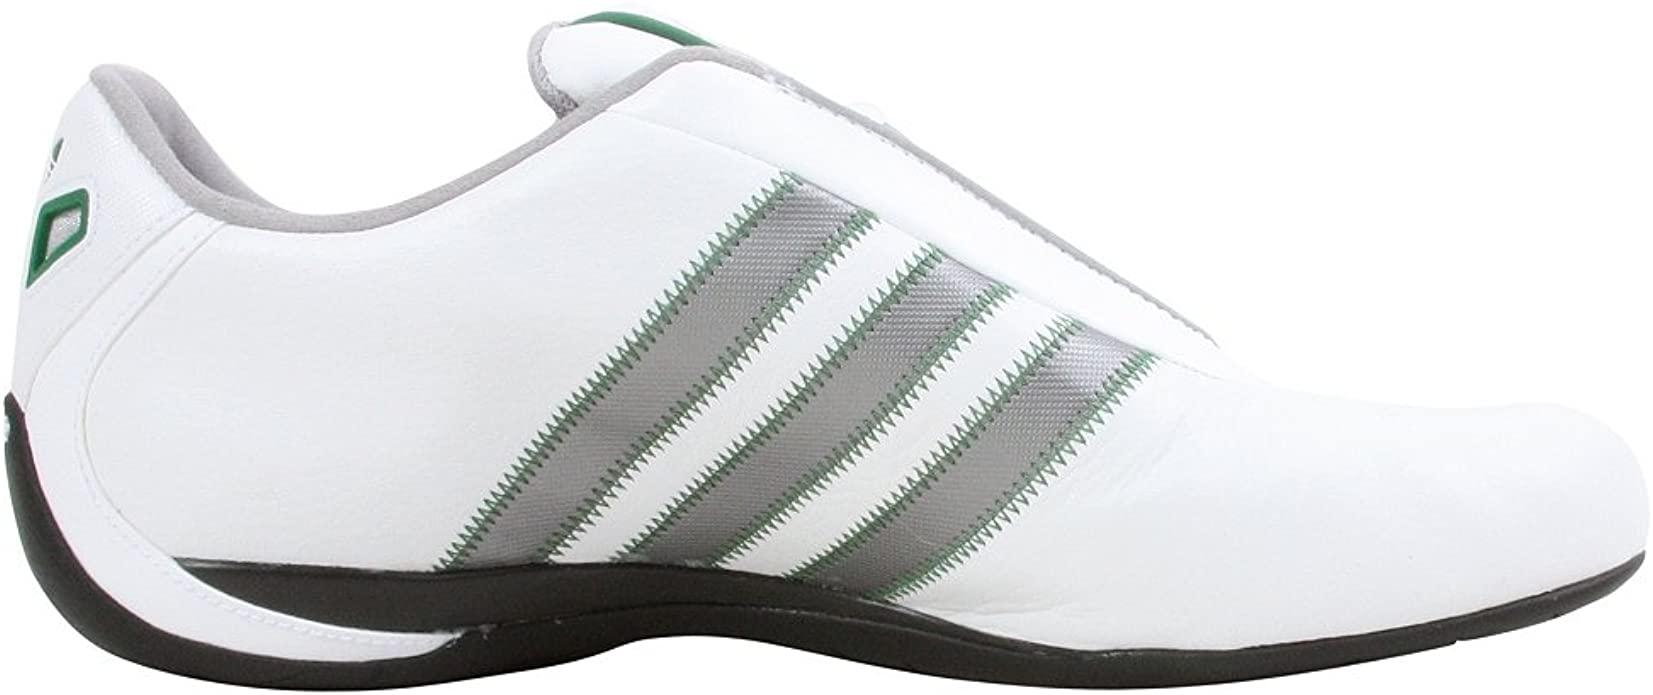 sitio oficial la compra auténtico diseño innovador Amazon.com: adidas Originals hombre GOODYEAR Race Sneaker: Shoes